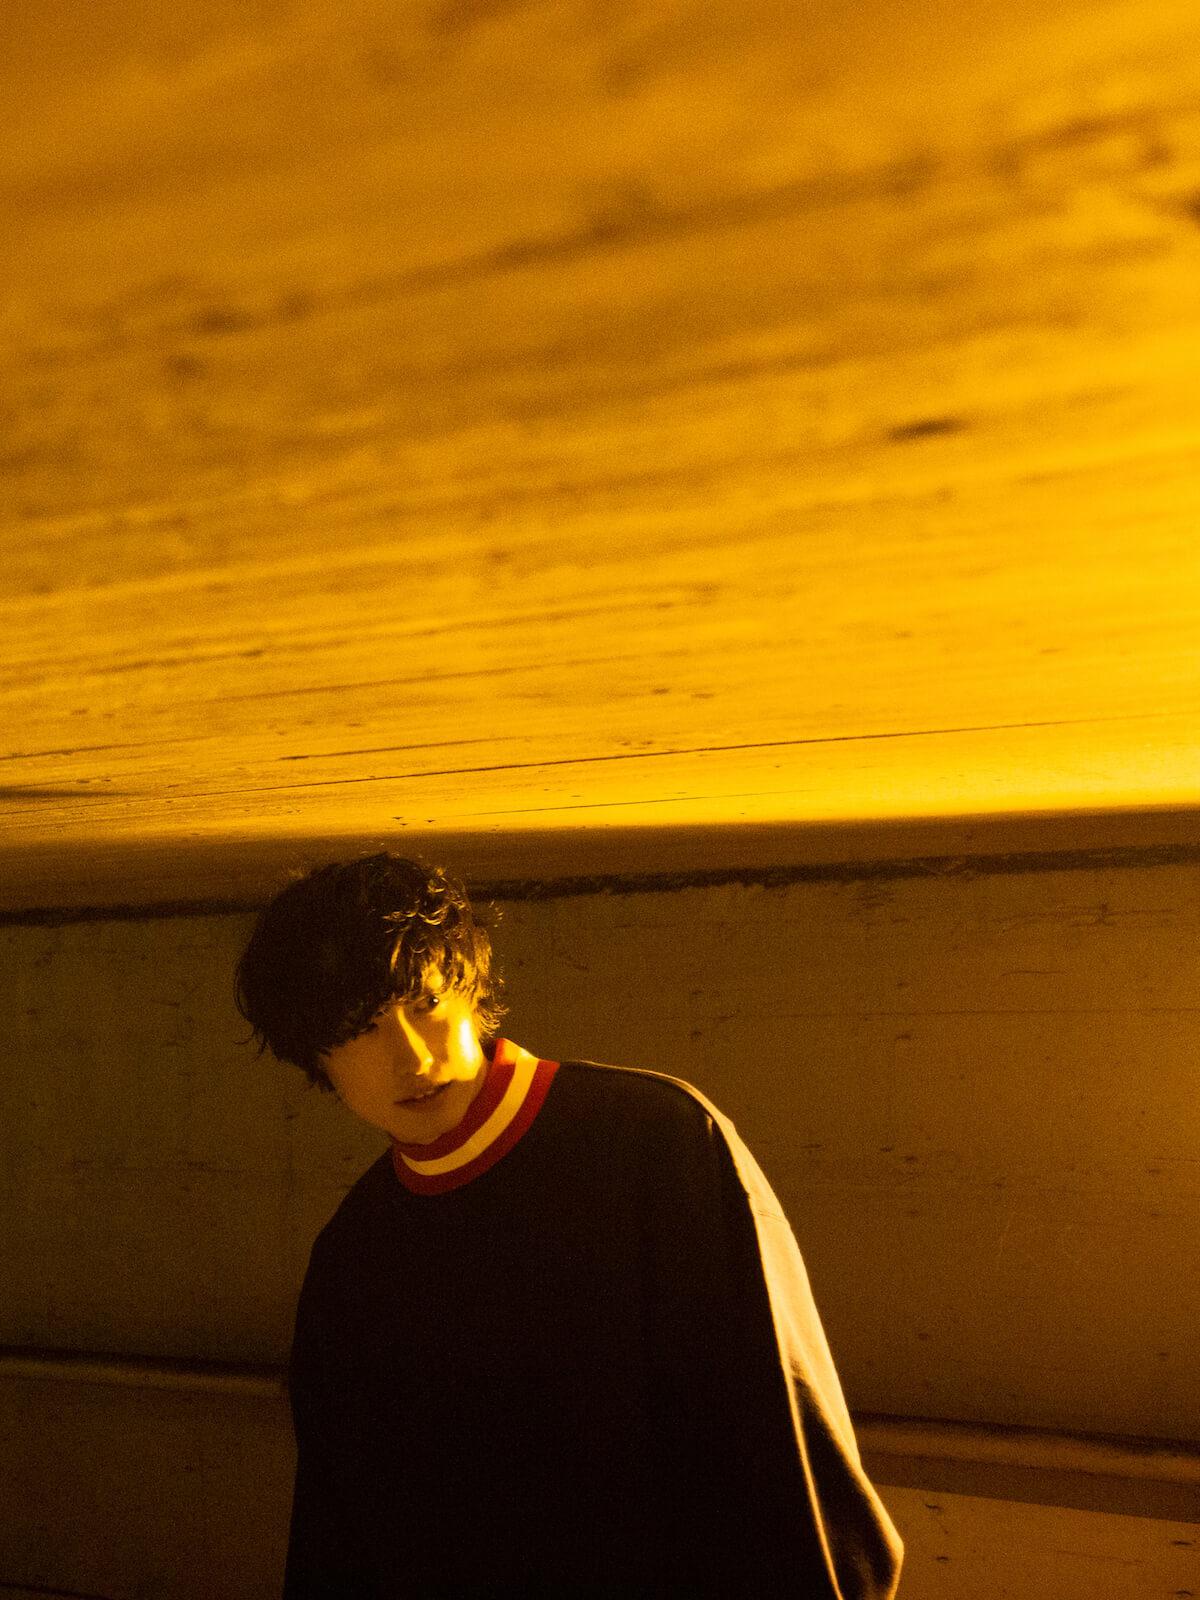 江沼郁弥、3ヶ月連続デジタルシングルリリース&着席スタイルのZeppワンマンライブ開催決定サムネイル画像